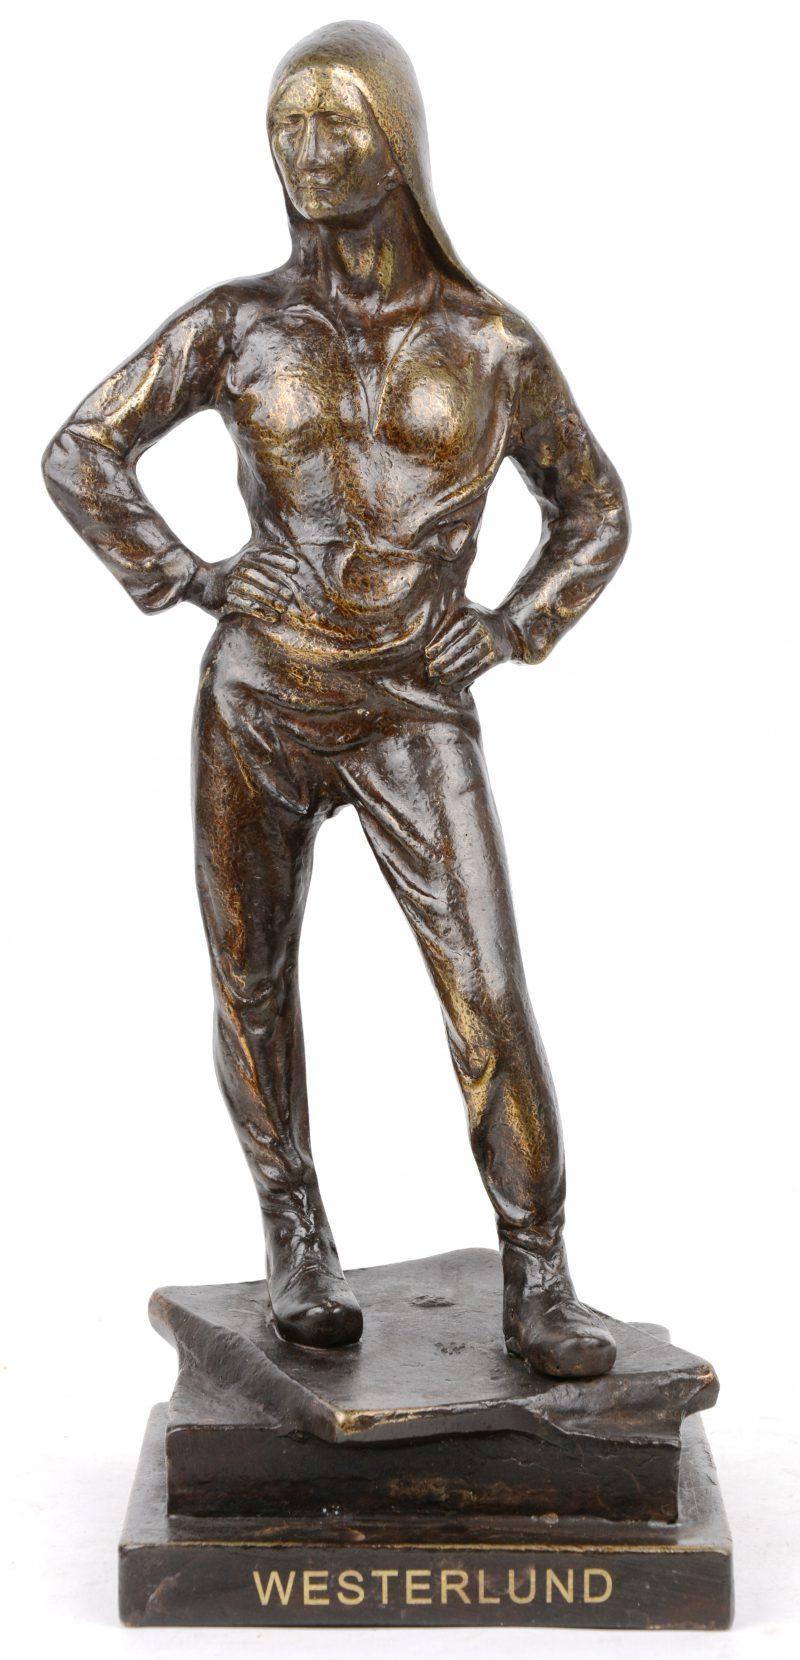 """""""De buildrager"""". Een bronzen beeld naar een werk van Constantin Meunier en met ipschrift 'Westerlund'."""